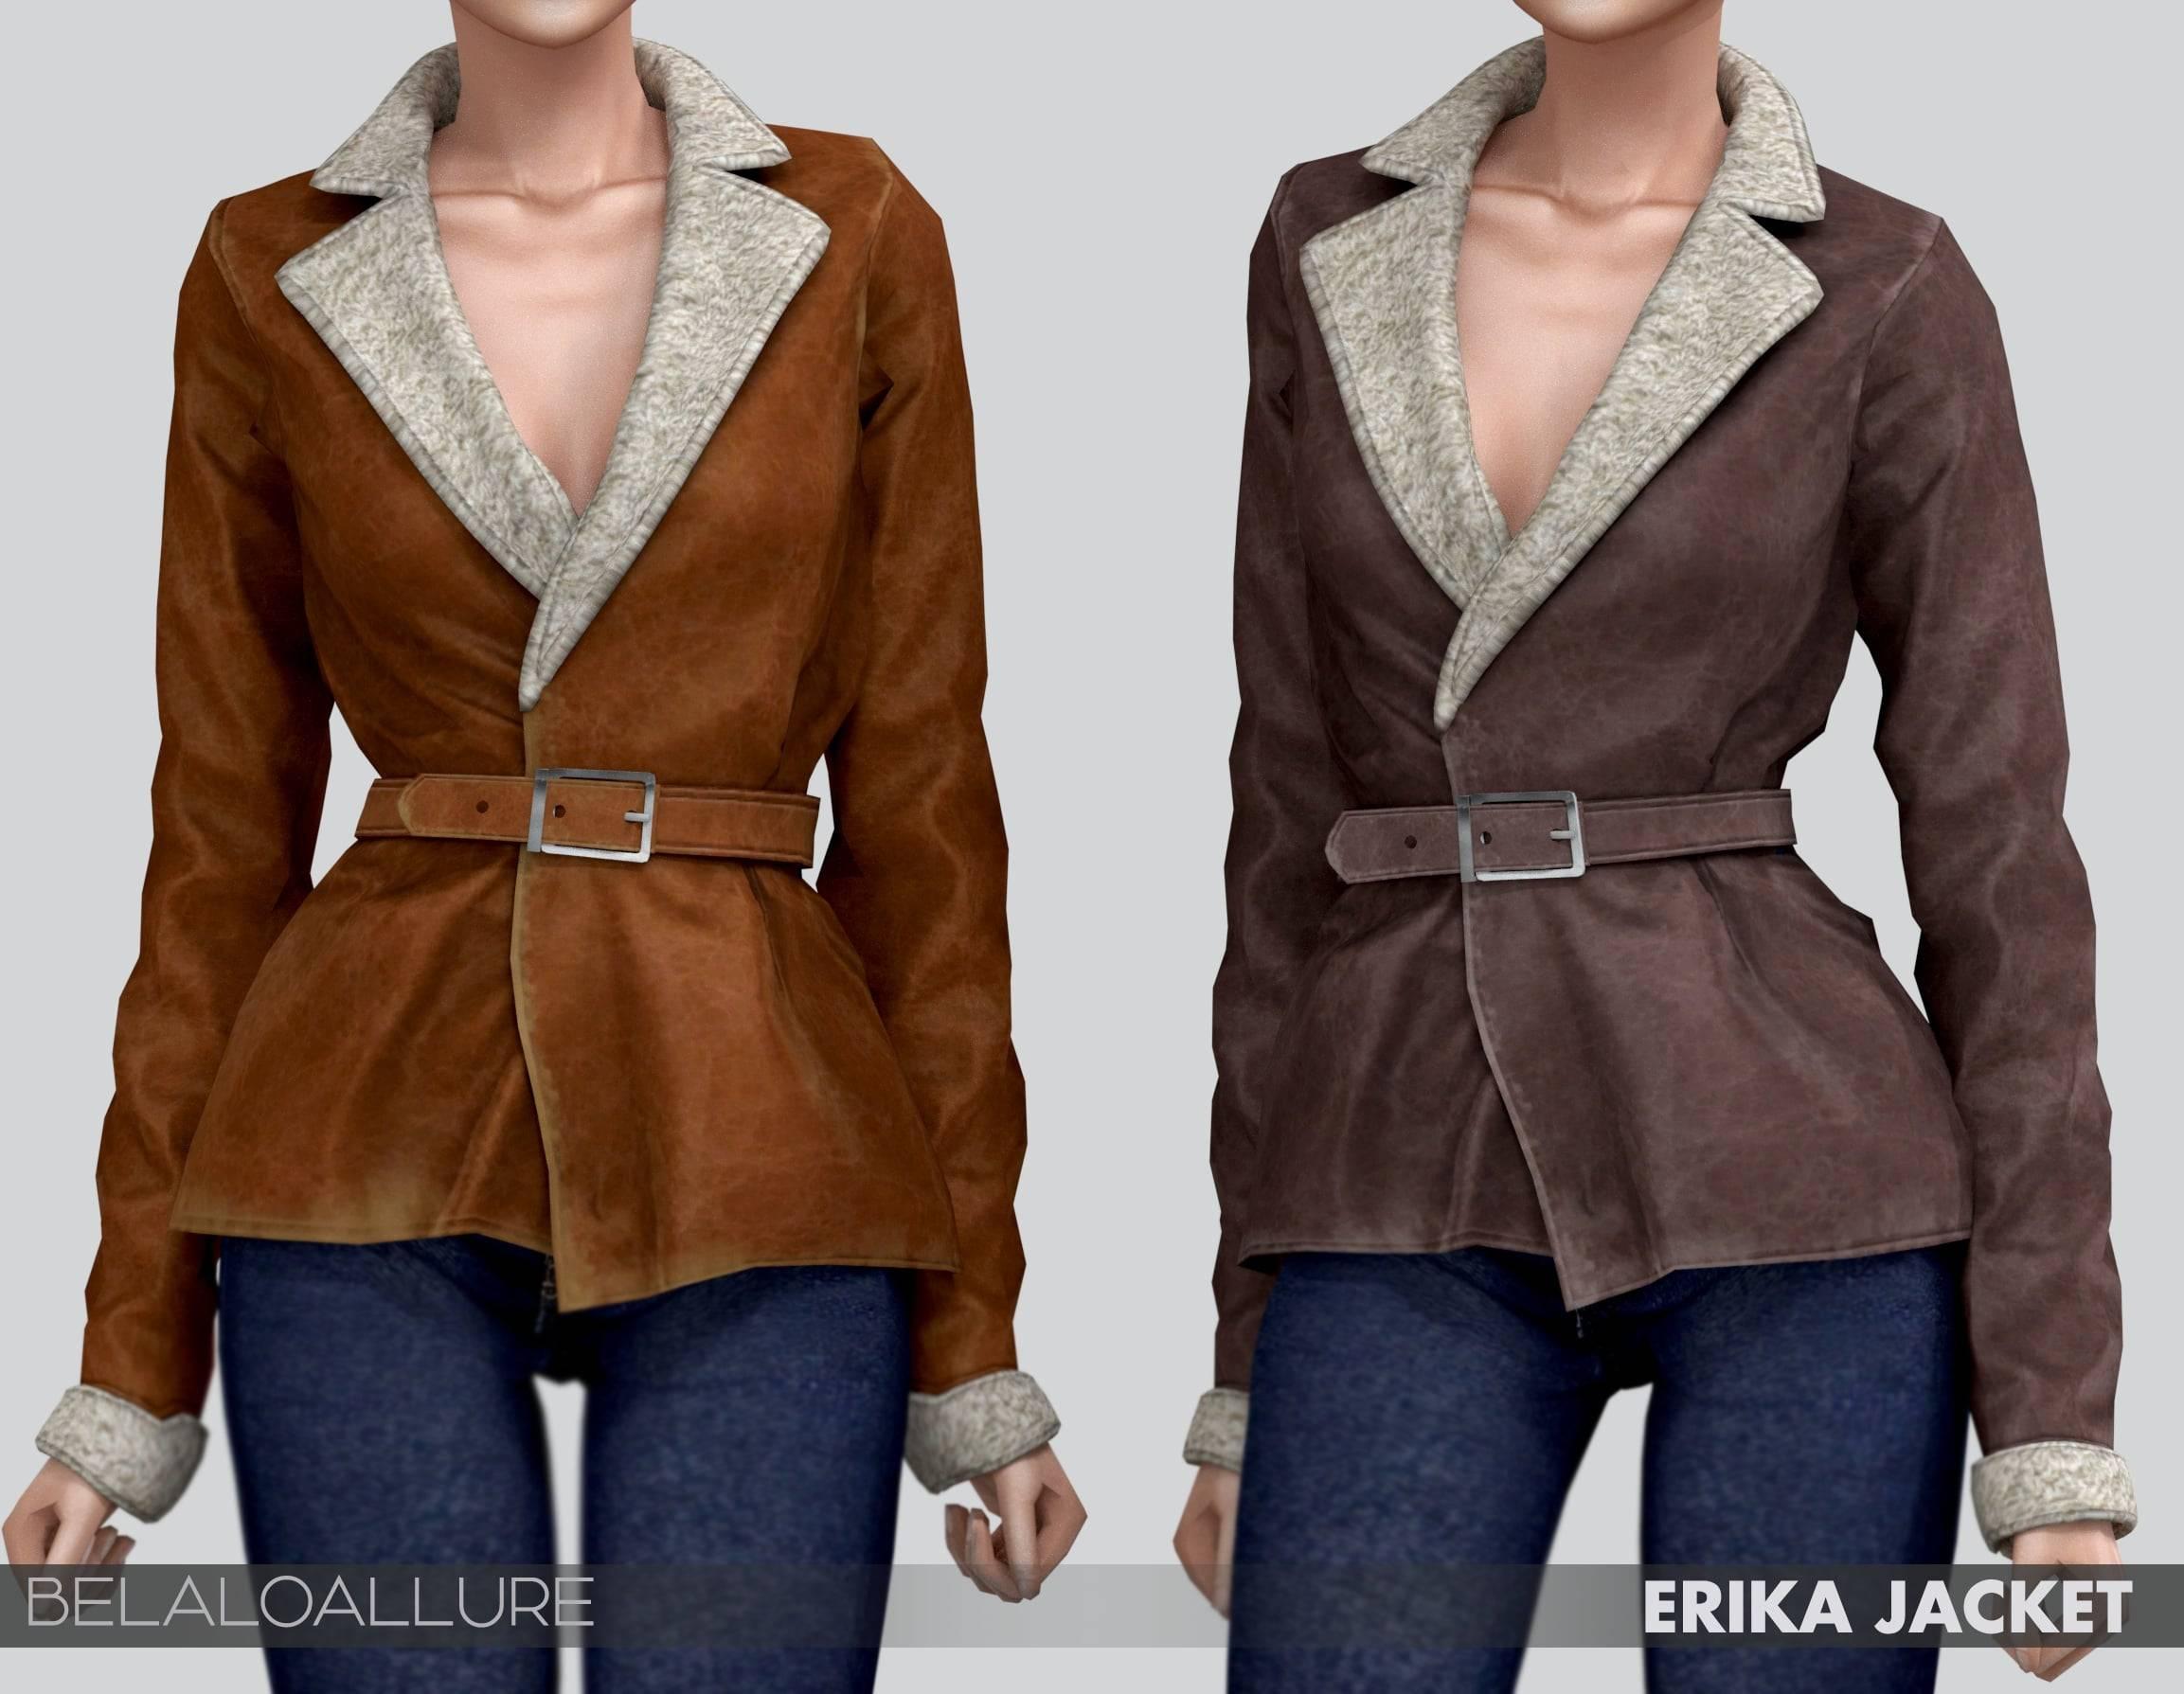 Женская куртка - Erika jacket